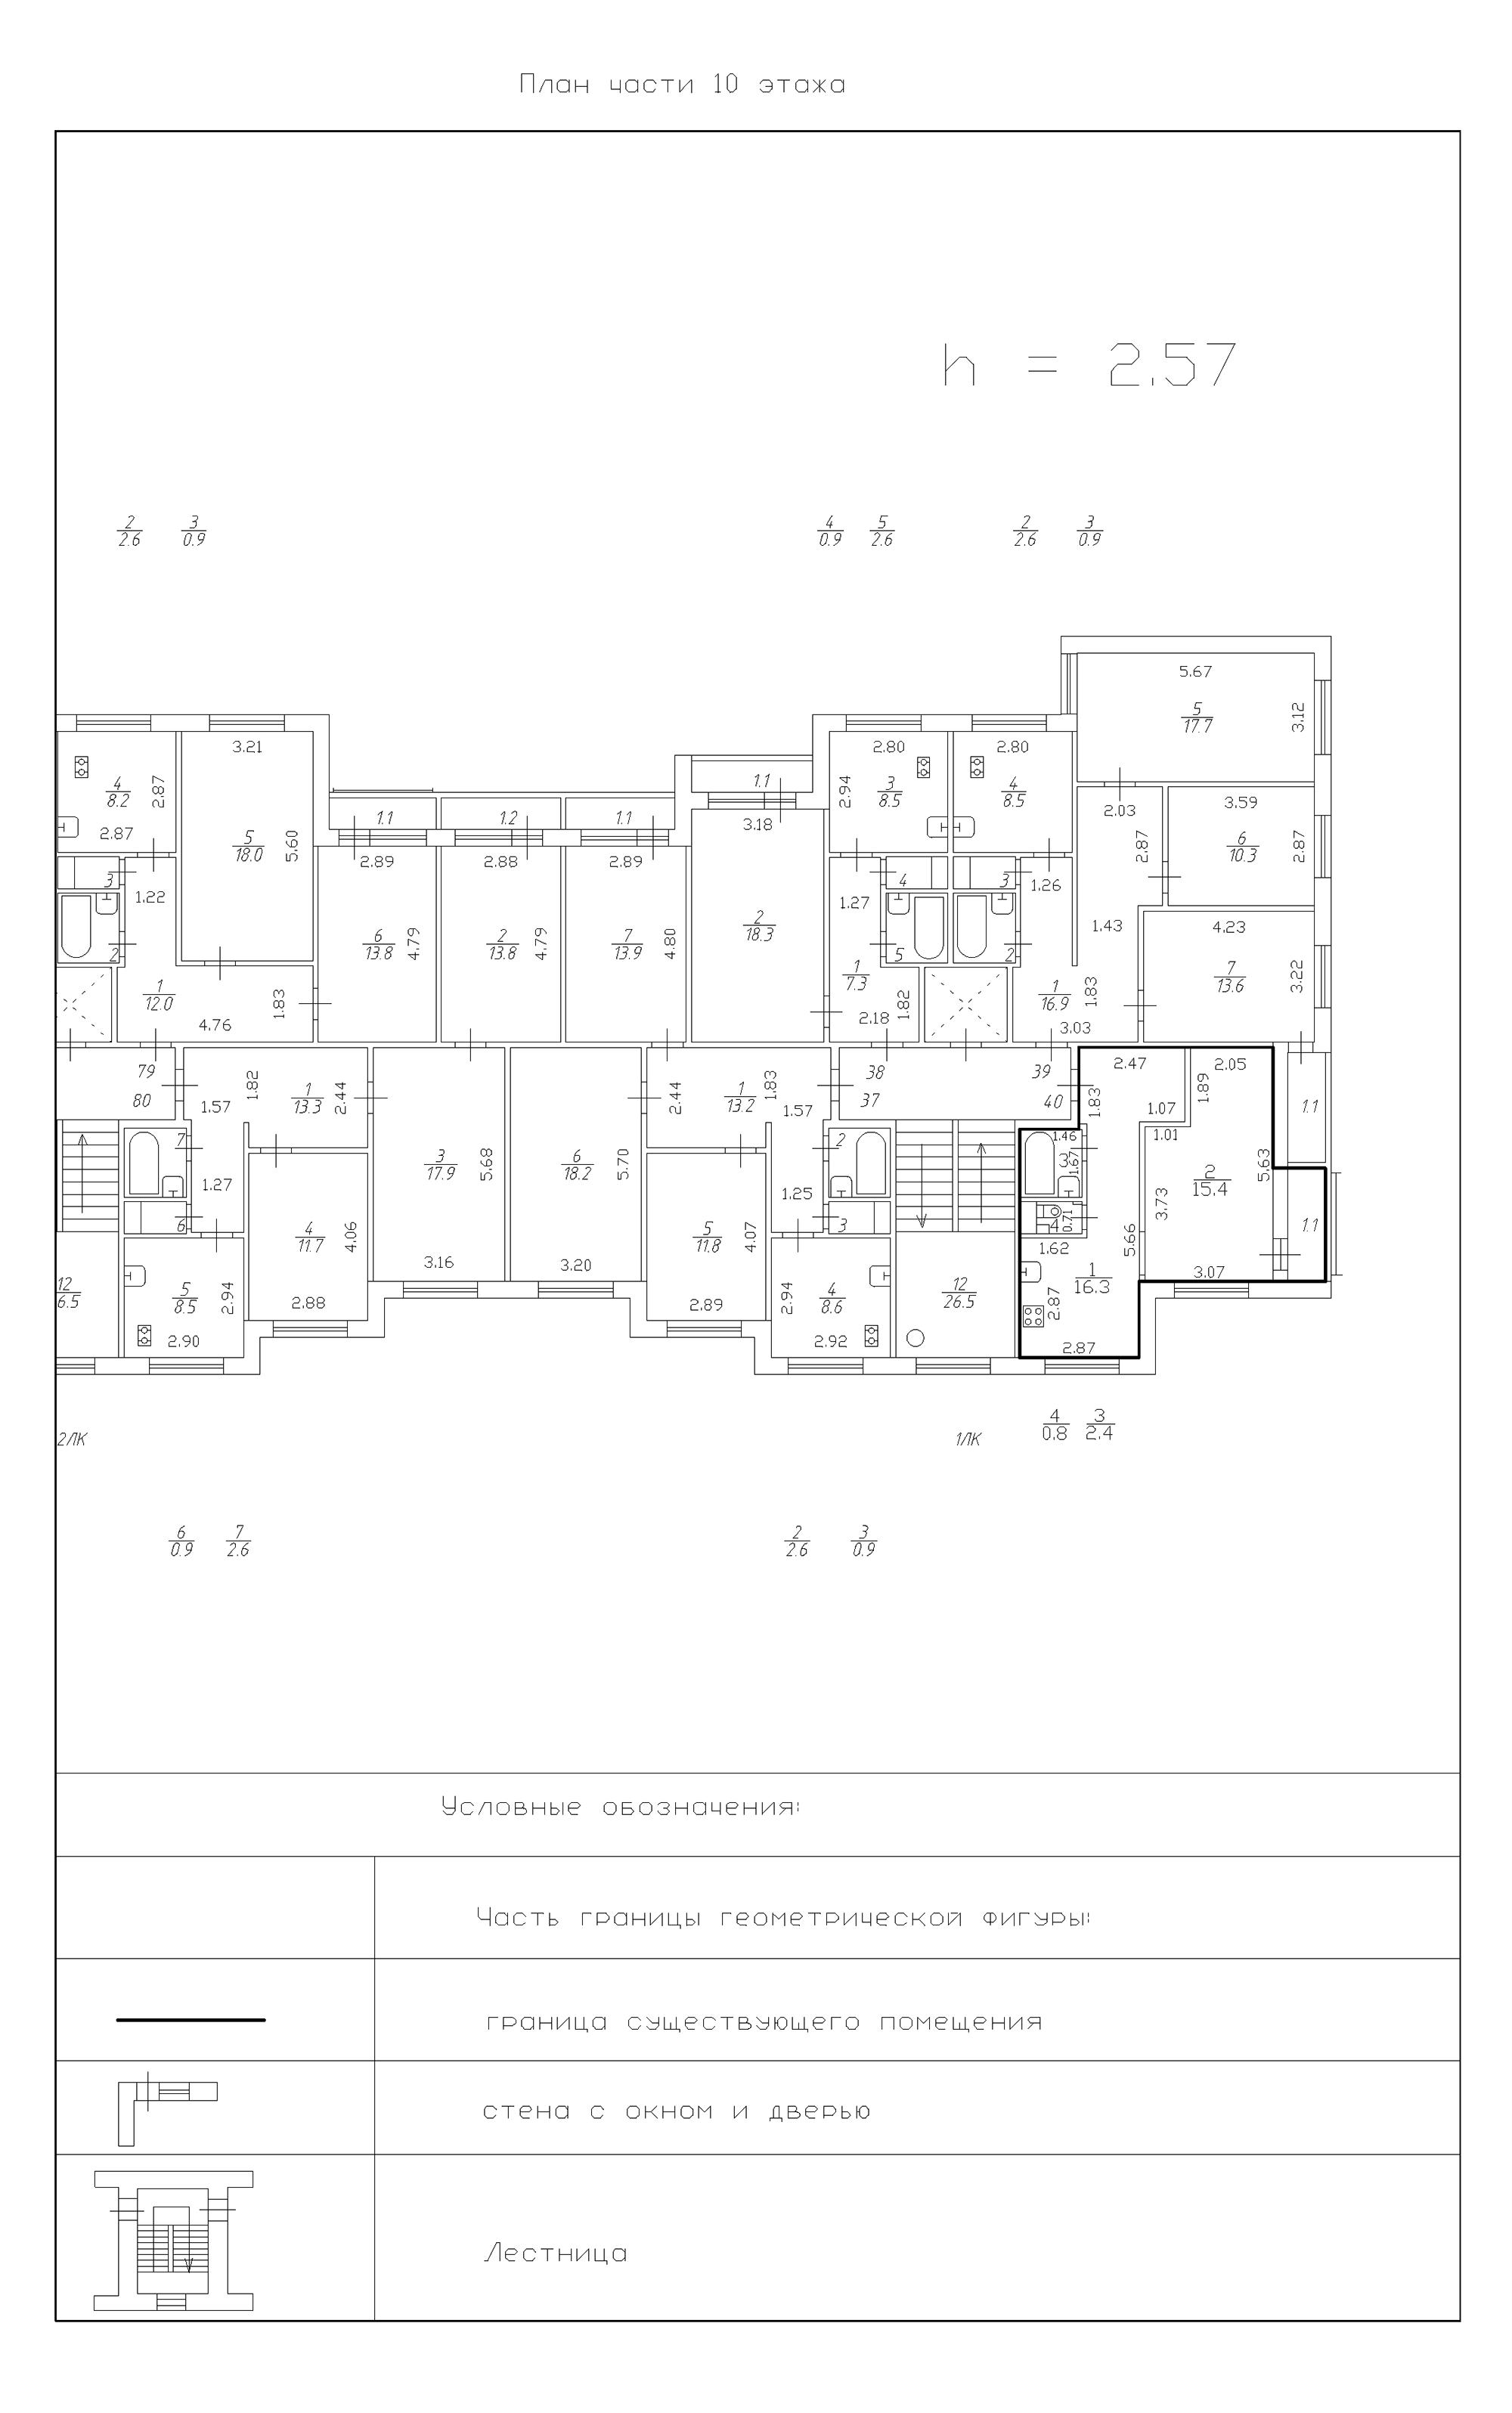 Так выглядит новый технический план квартиры. На плане уже показаны внесенные в планировку изменения